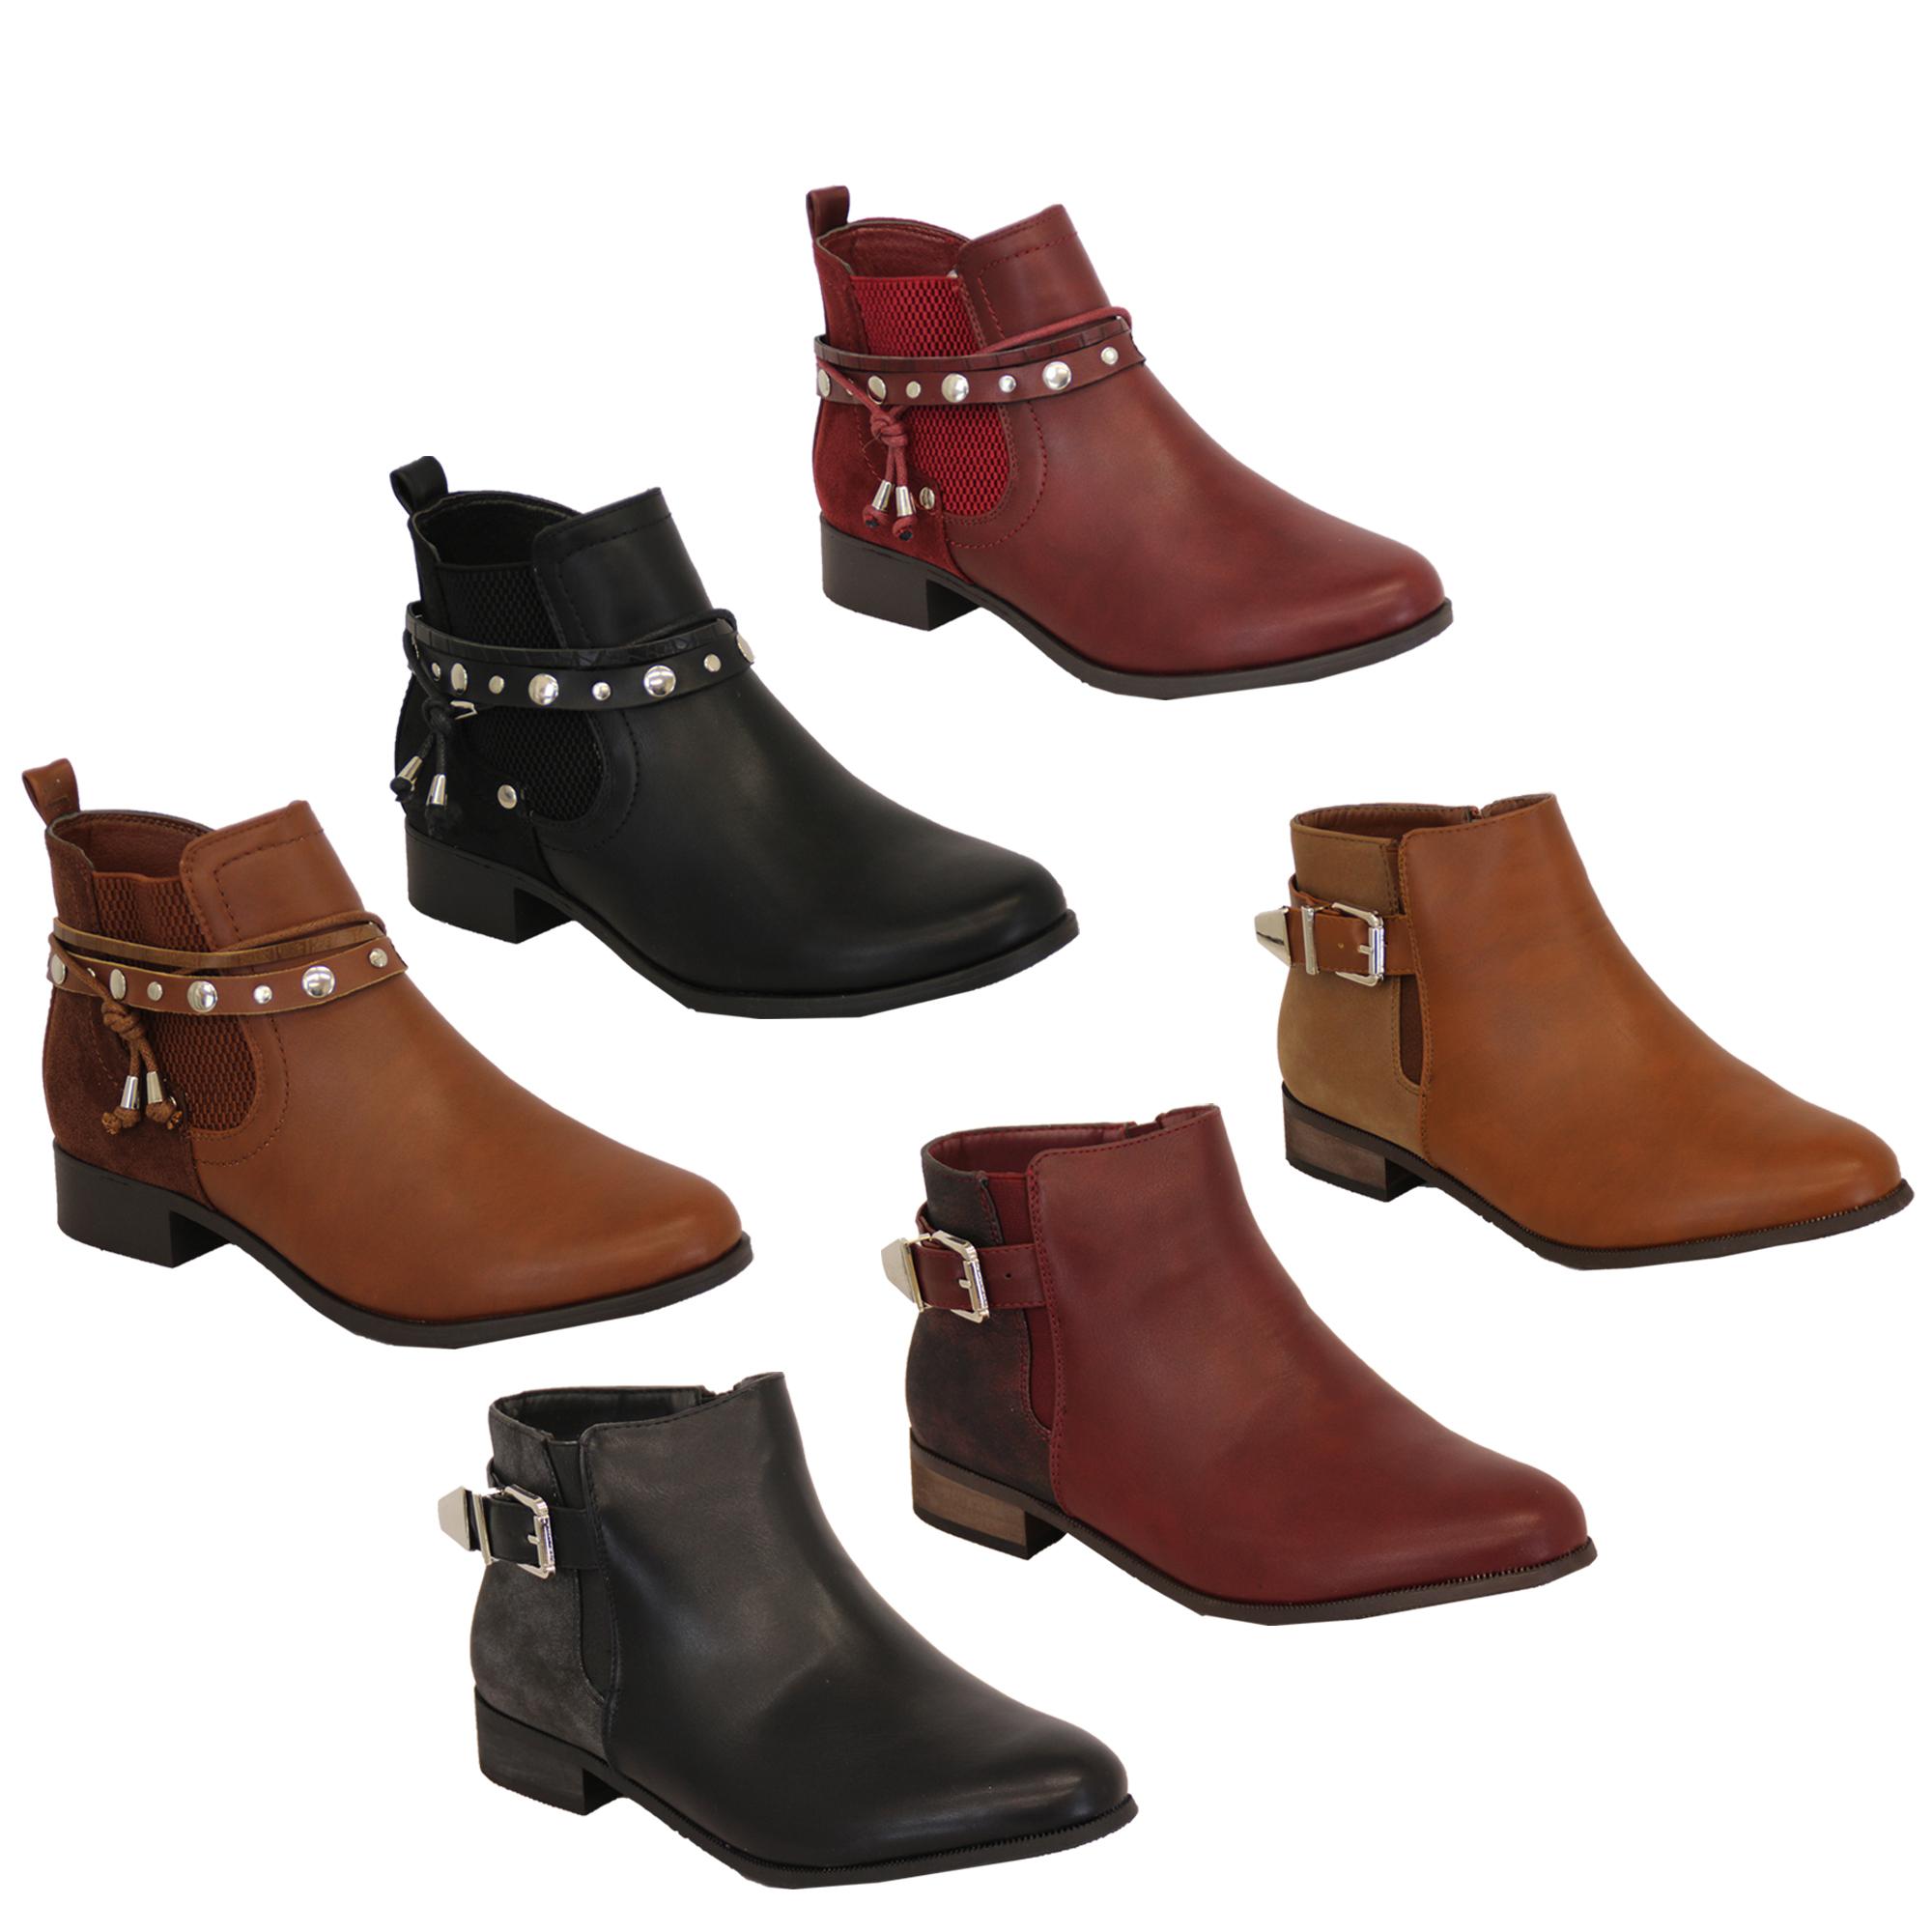 calidad asombrosa calidad la mejor calidad para Detalles de Bota Tipo Chelsea para Dama Mujer Piel Sintética Zapatos  Tobillo Tacón bajo